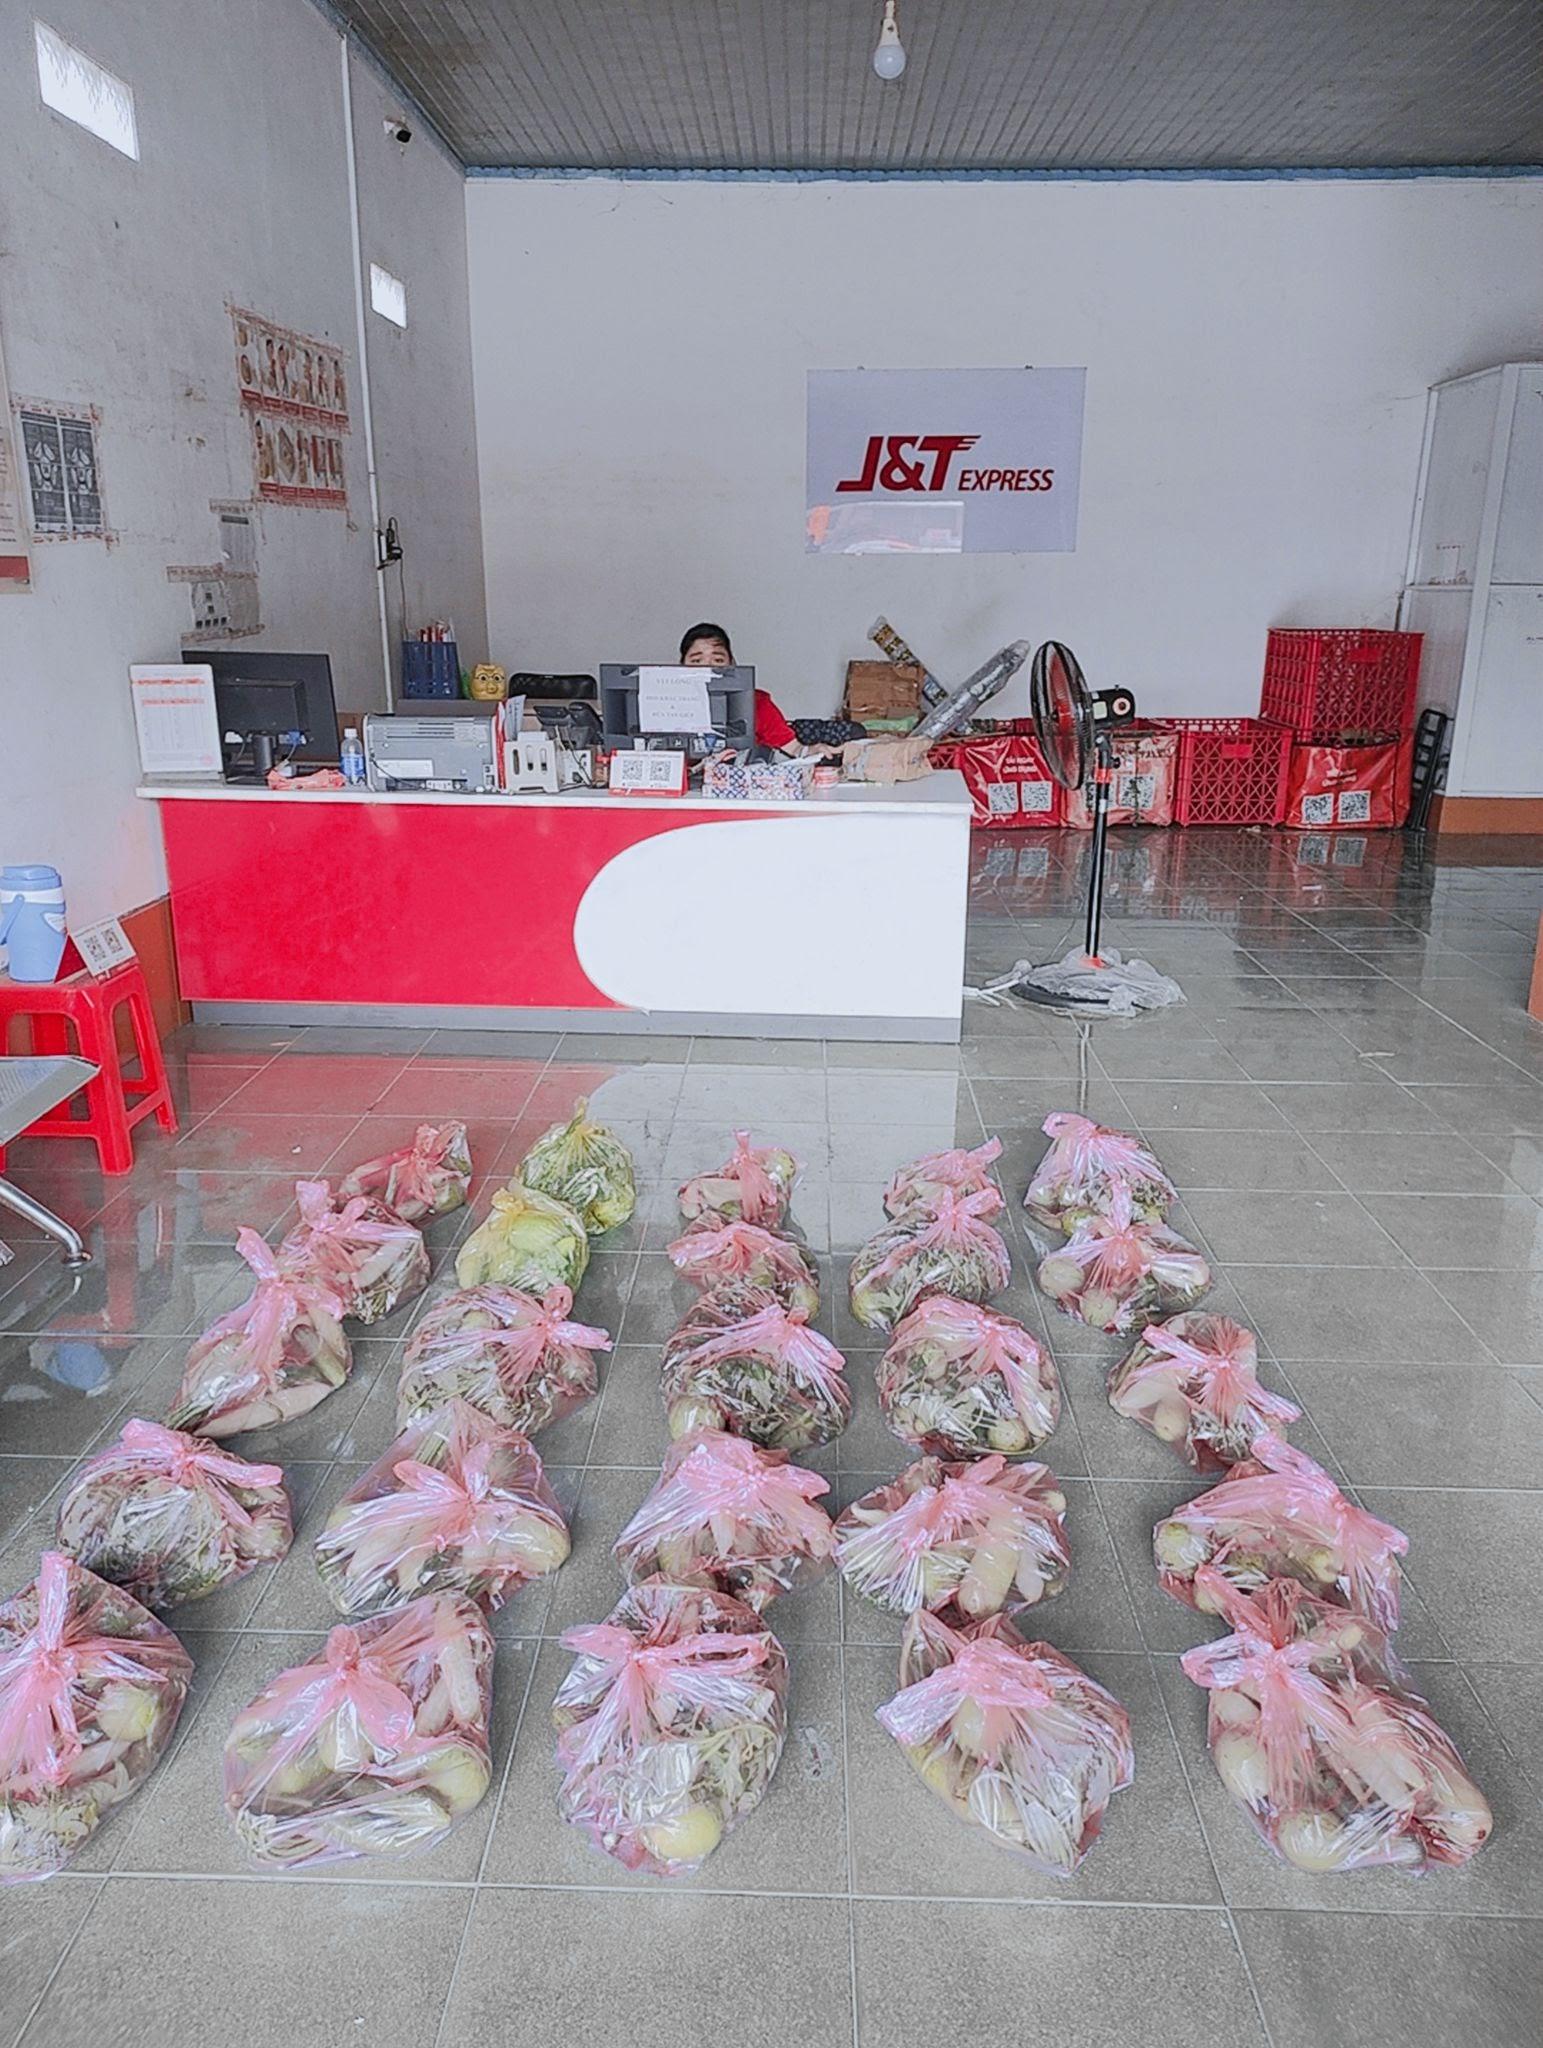 Bưu cục J&T Express Tây Ninh chia các suất quà, chuẩn bị giao đến cho người dân - Ảnh: J&T Express